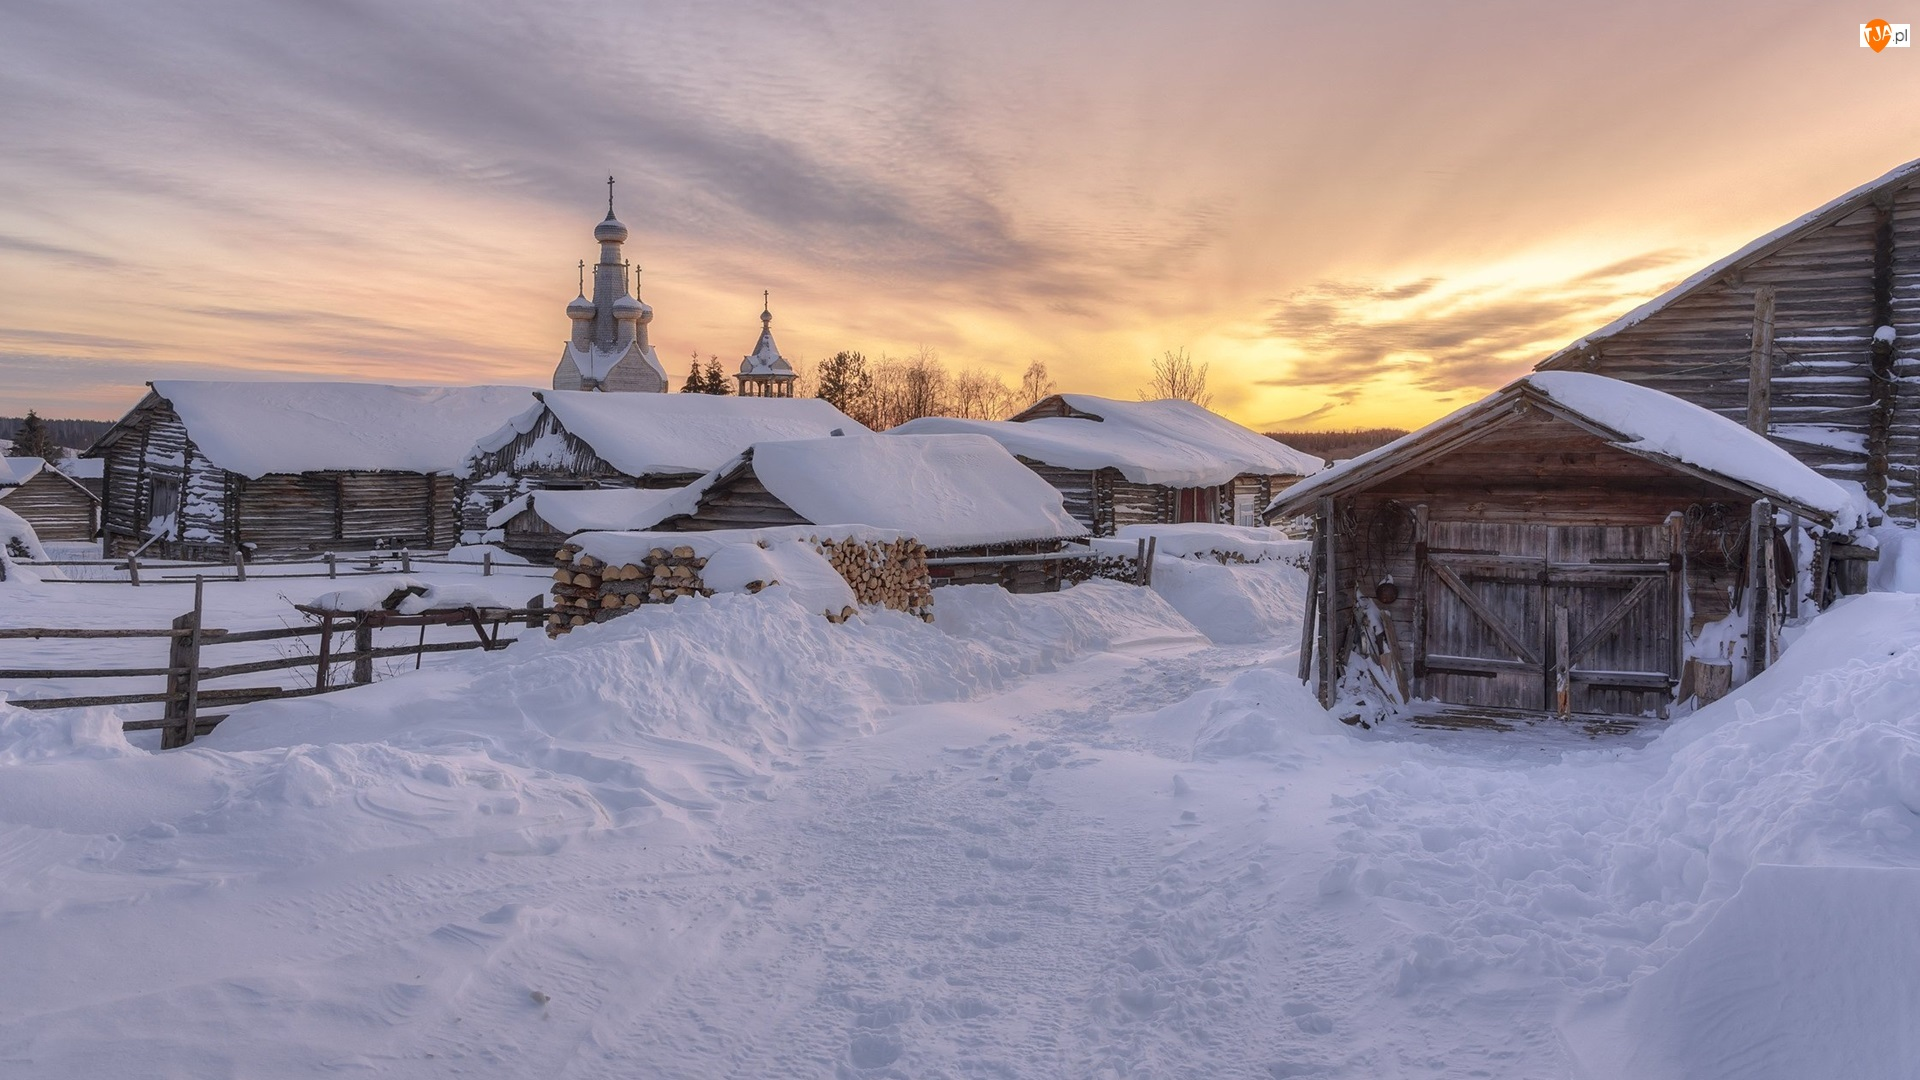 Drewniane, Zima, Szopy, Wschód słońca, Domy, Cerkiew